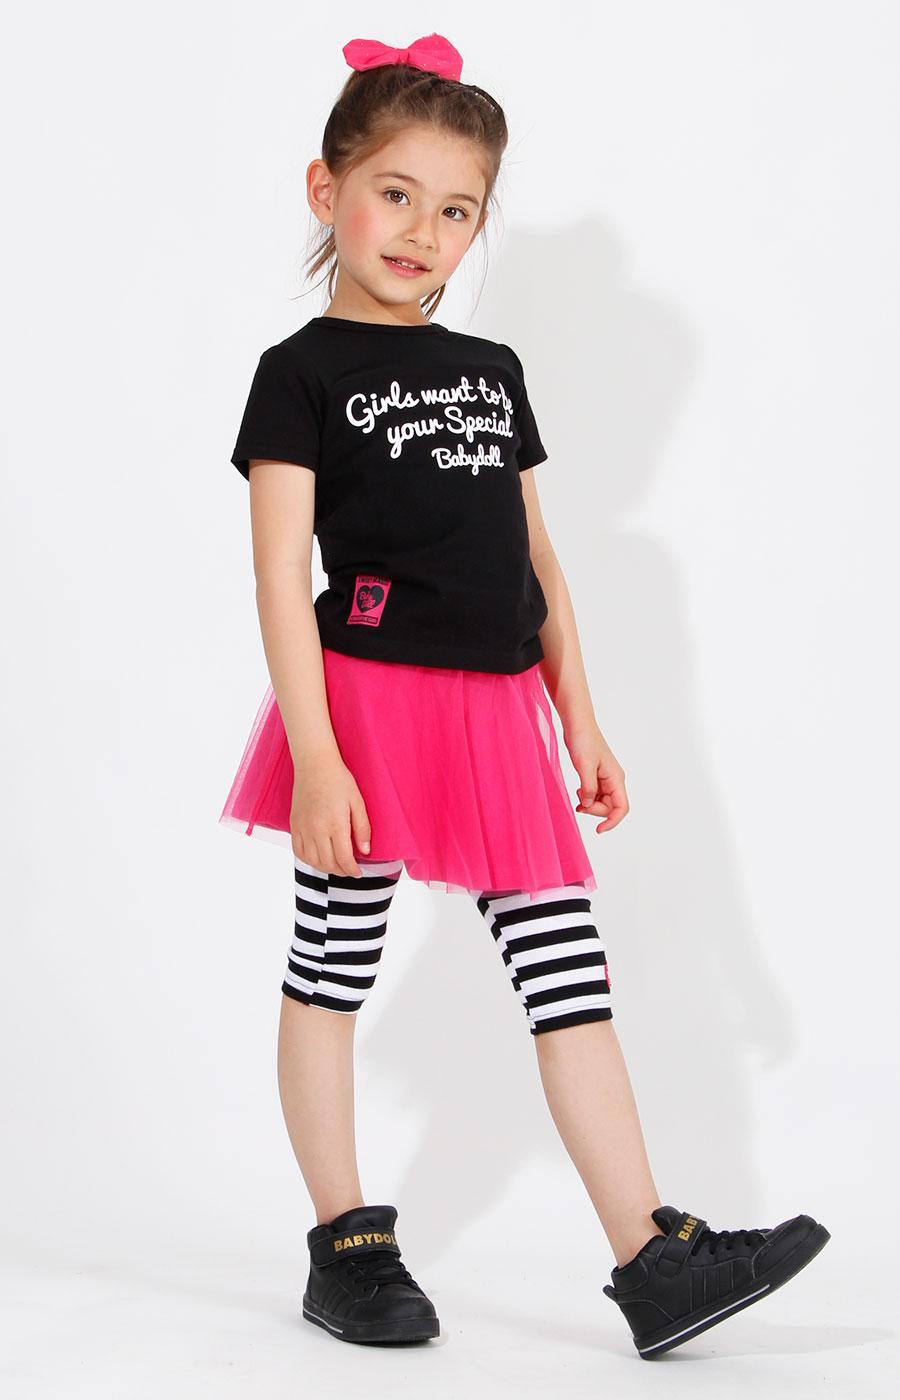 f24a1f406d464 BABYDOLL(ベビードール) 公式オンラインショップ │ 子供服 ベビー服 通販